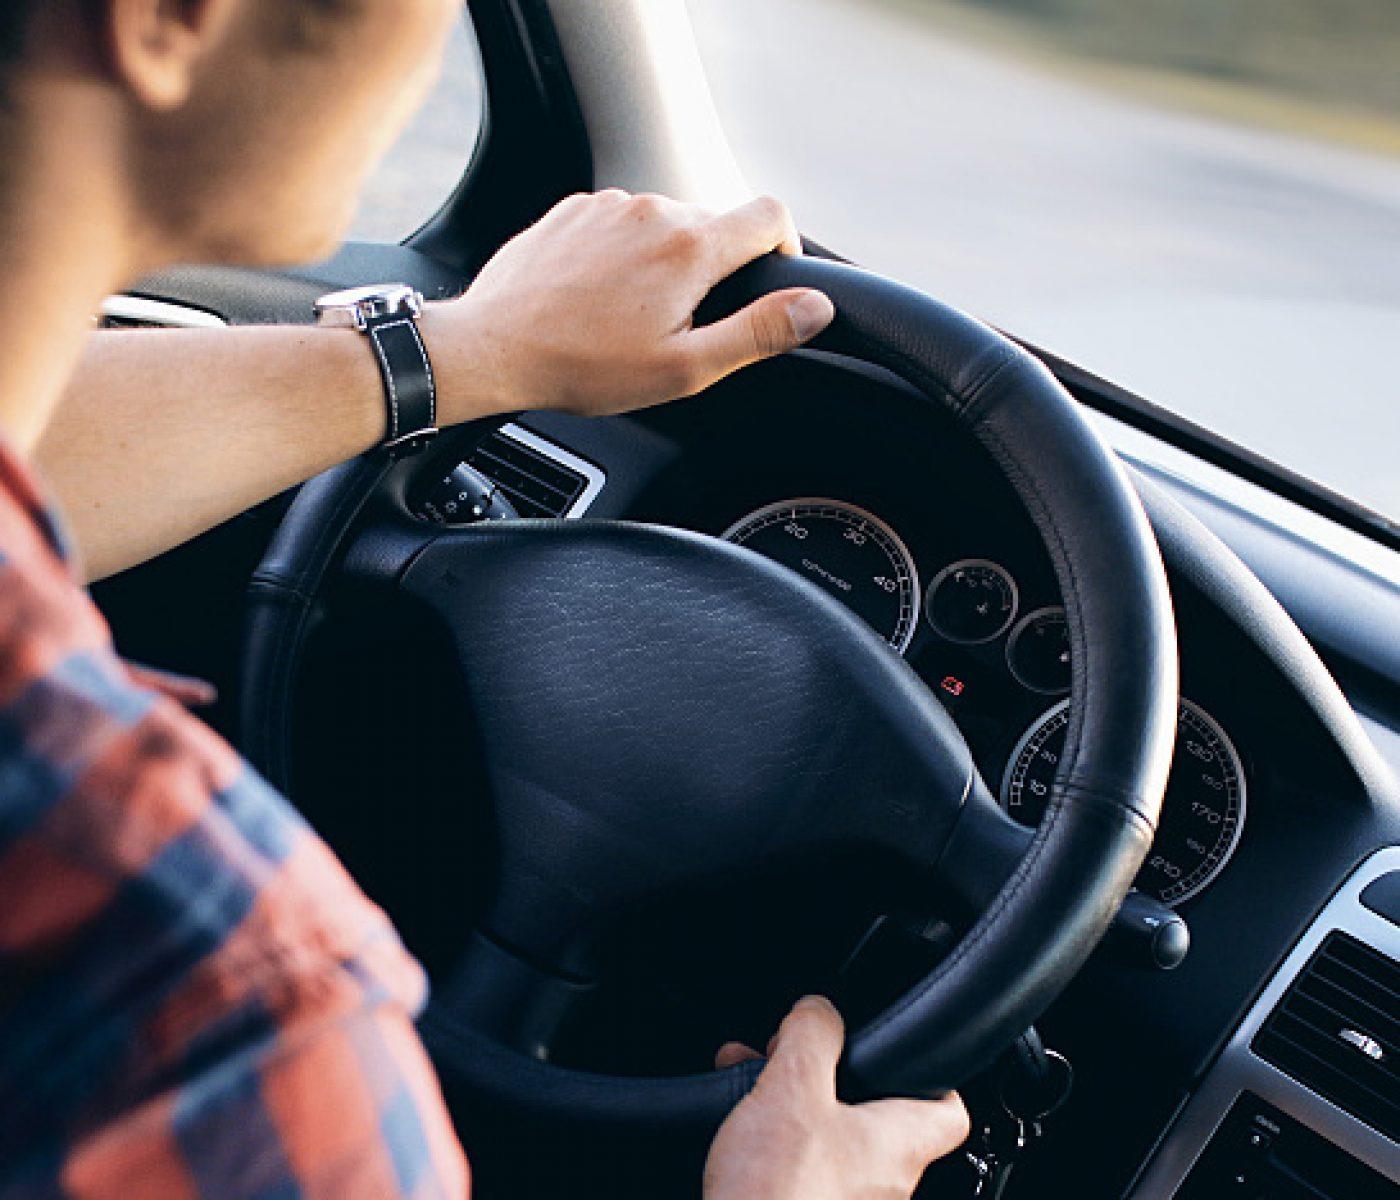 10 συμβουλές για οικονομική οδήγηση